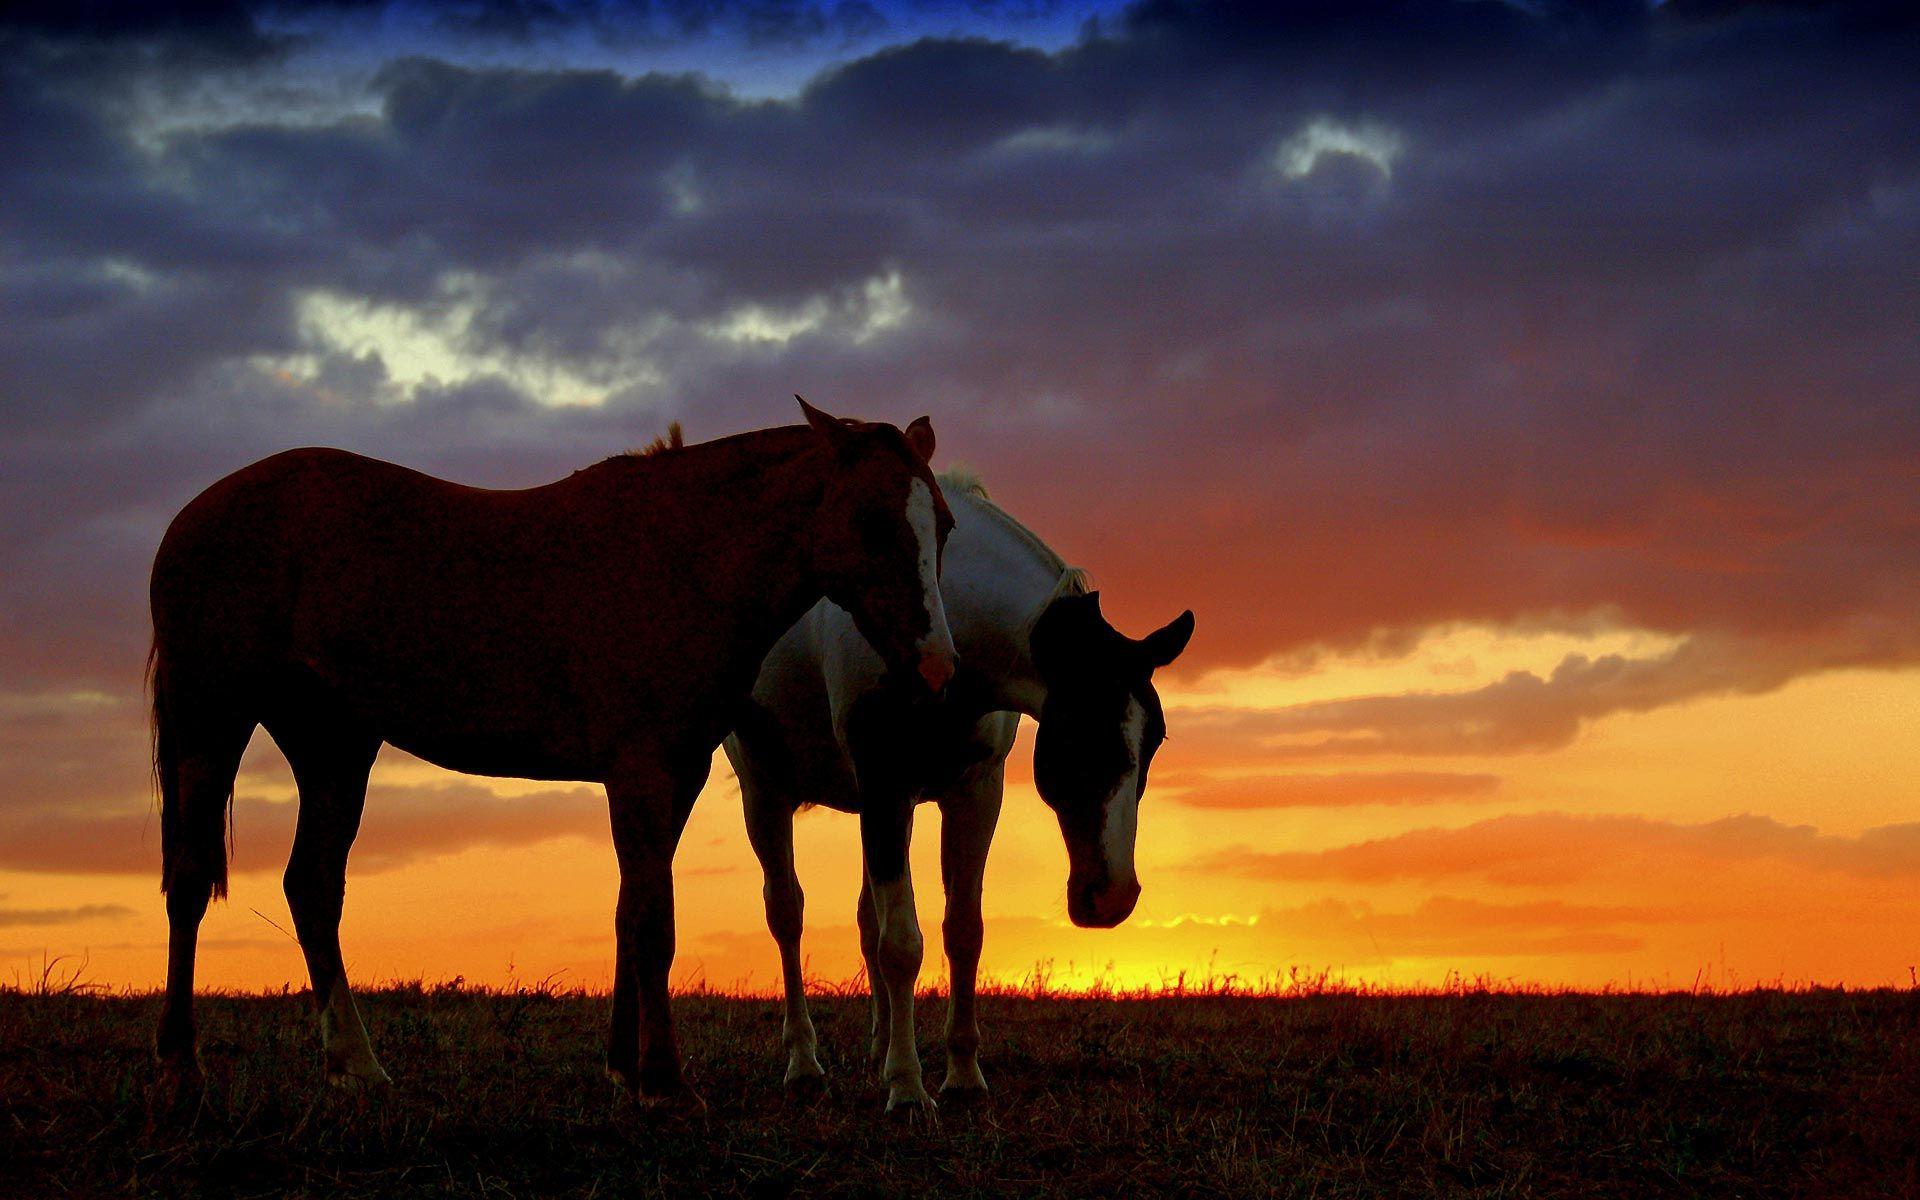 Beautiful Wallpaper Horse Sunrise - f27d4b11163a2e4de454d167a49ea3f2  Pic_834065.jpg